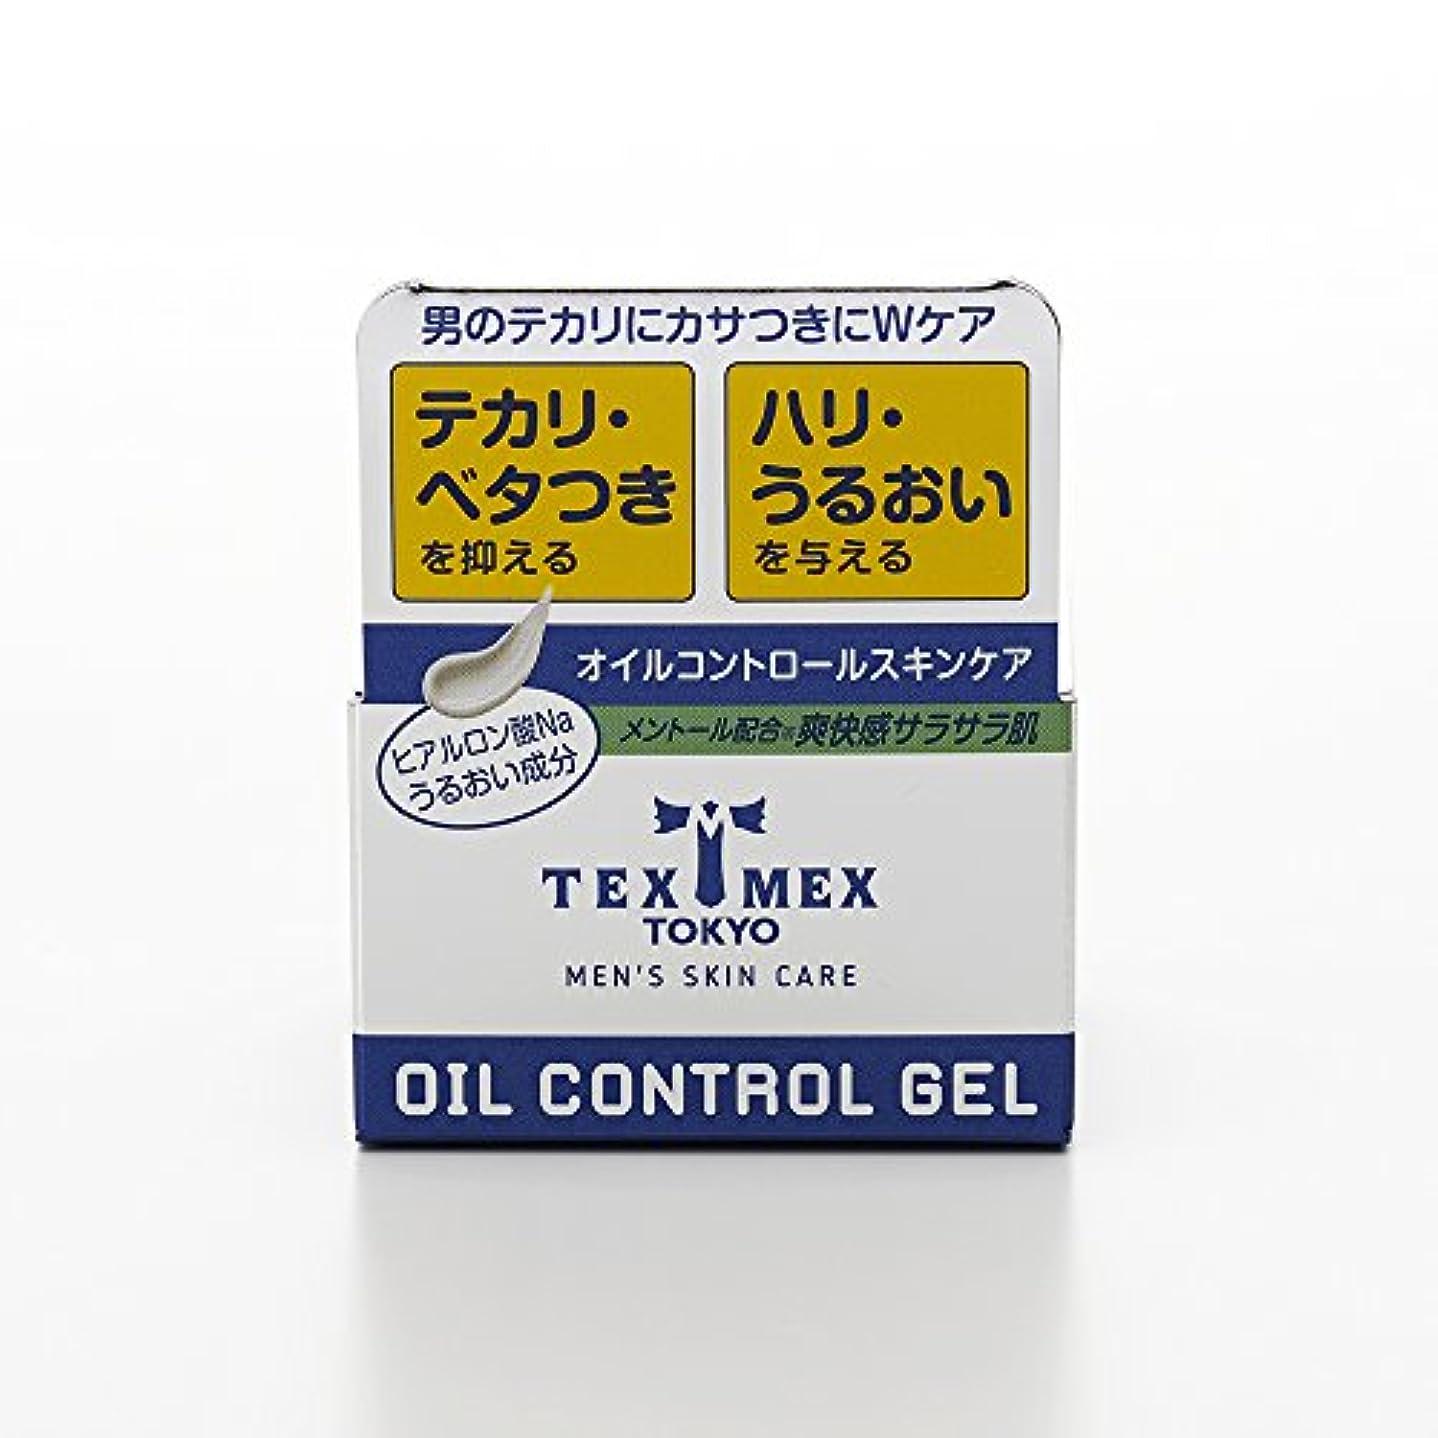 寄り添うチェスをする準備したテックスメックス オイルコントロールジェル 24g (テカリ防止ジェル) 【塗るだけでサラサラ肌に】